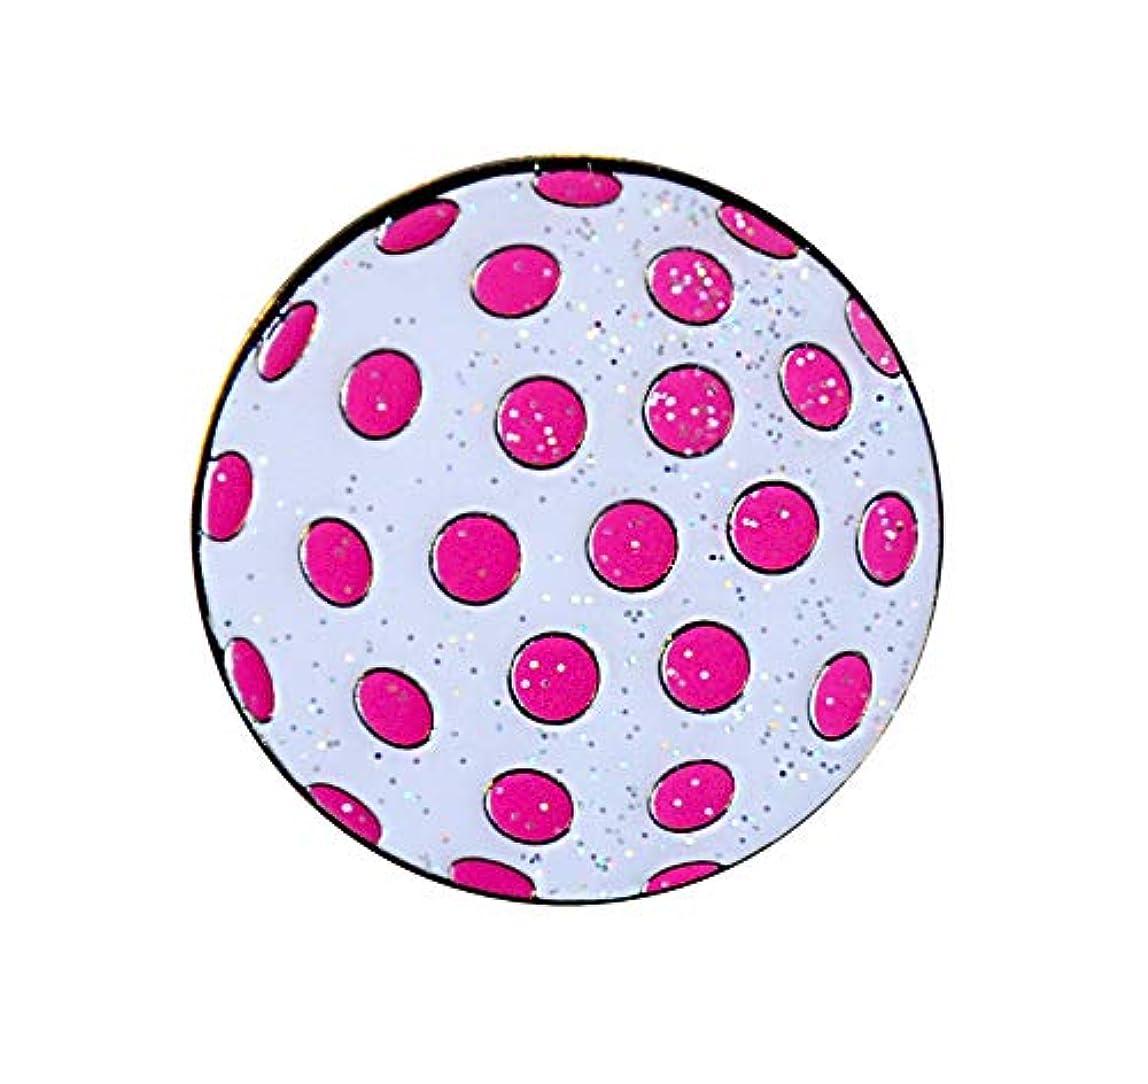 寛大な急速な悲劇Navika Glitzy Polka Dot (ホワイト&ピンク)マーカーwith磁気帽子クリップ